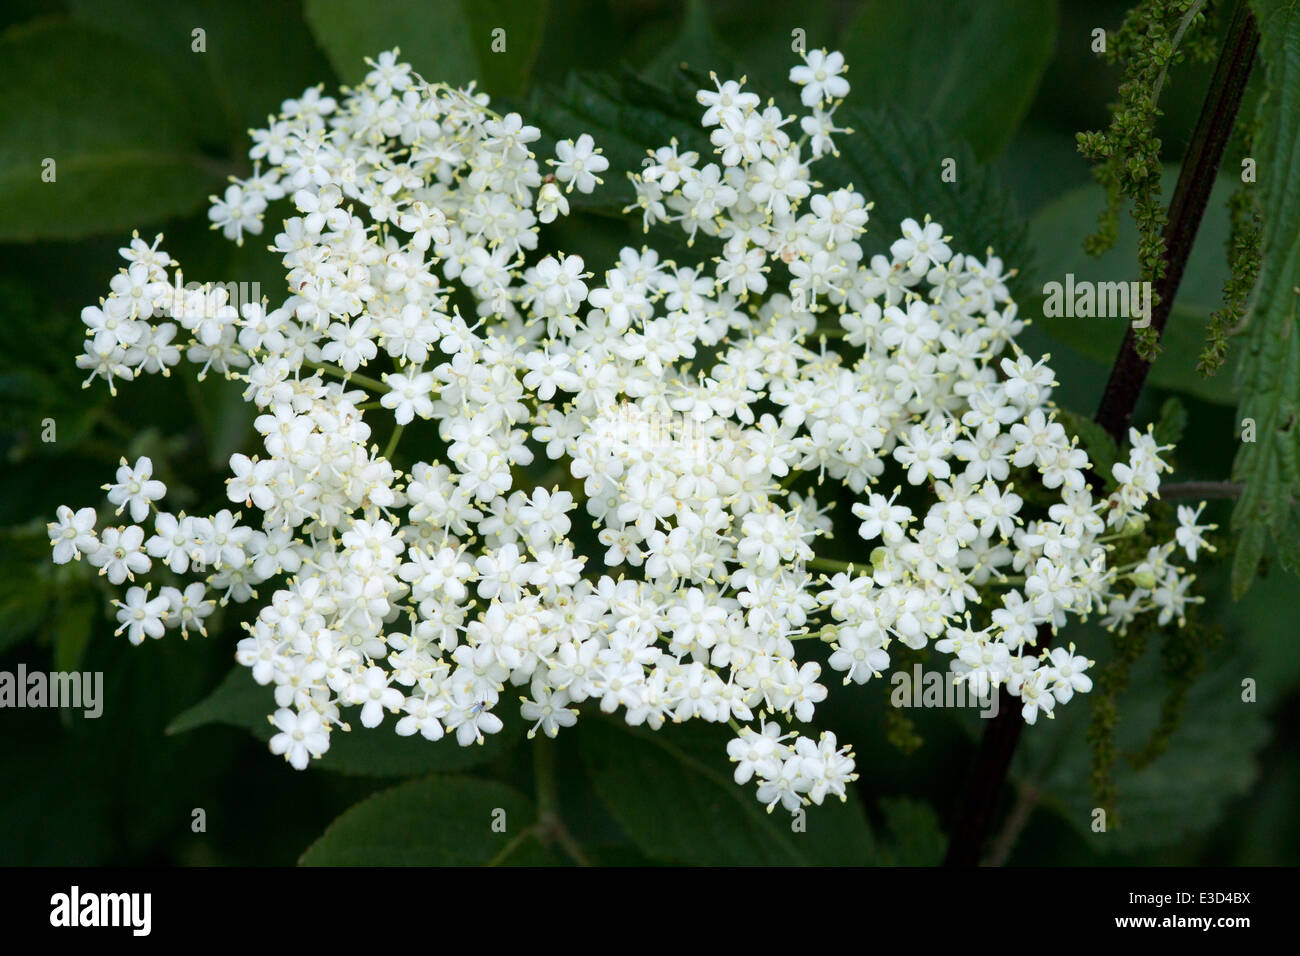 Flowers of the elder tree (nigra sambucus), which will turn into elderberries. - Stock Image